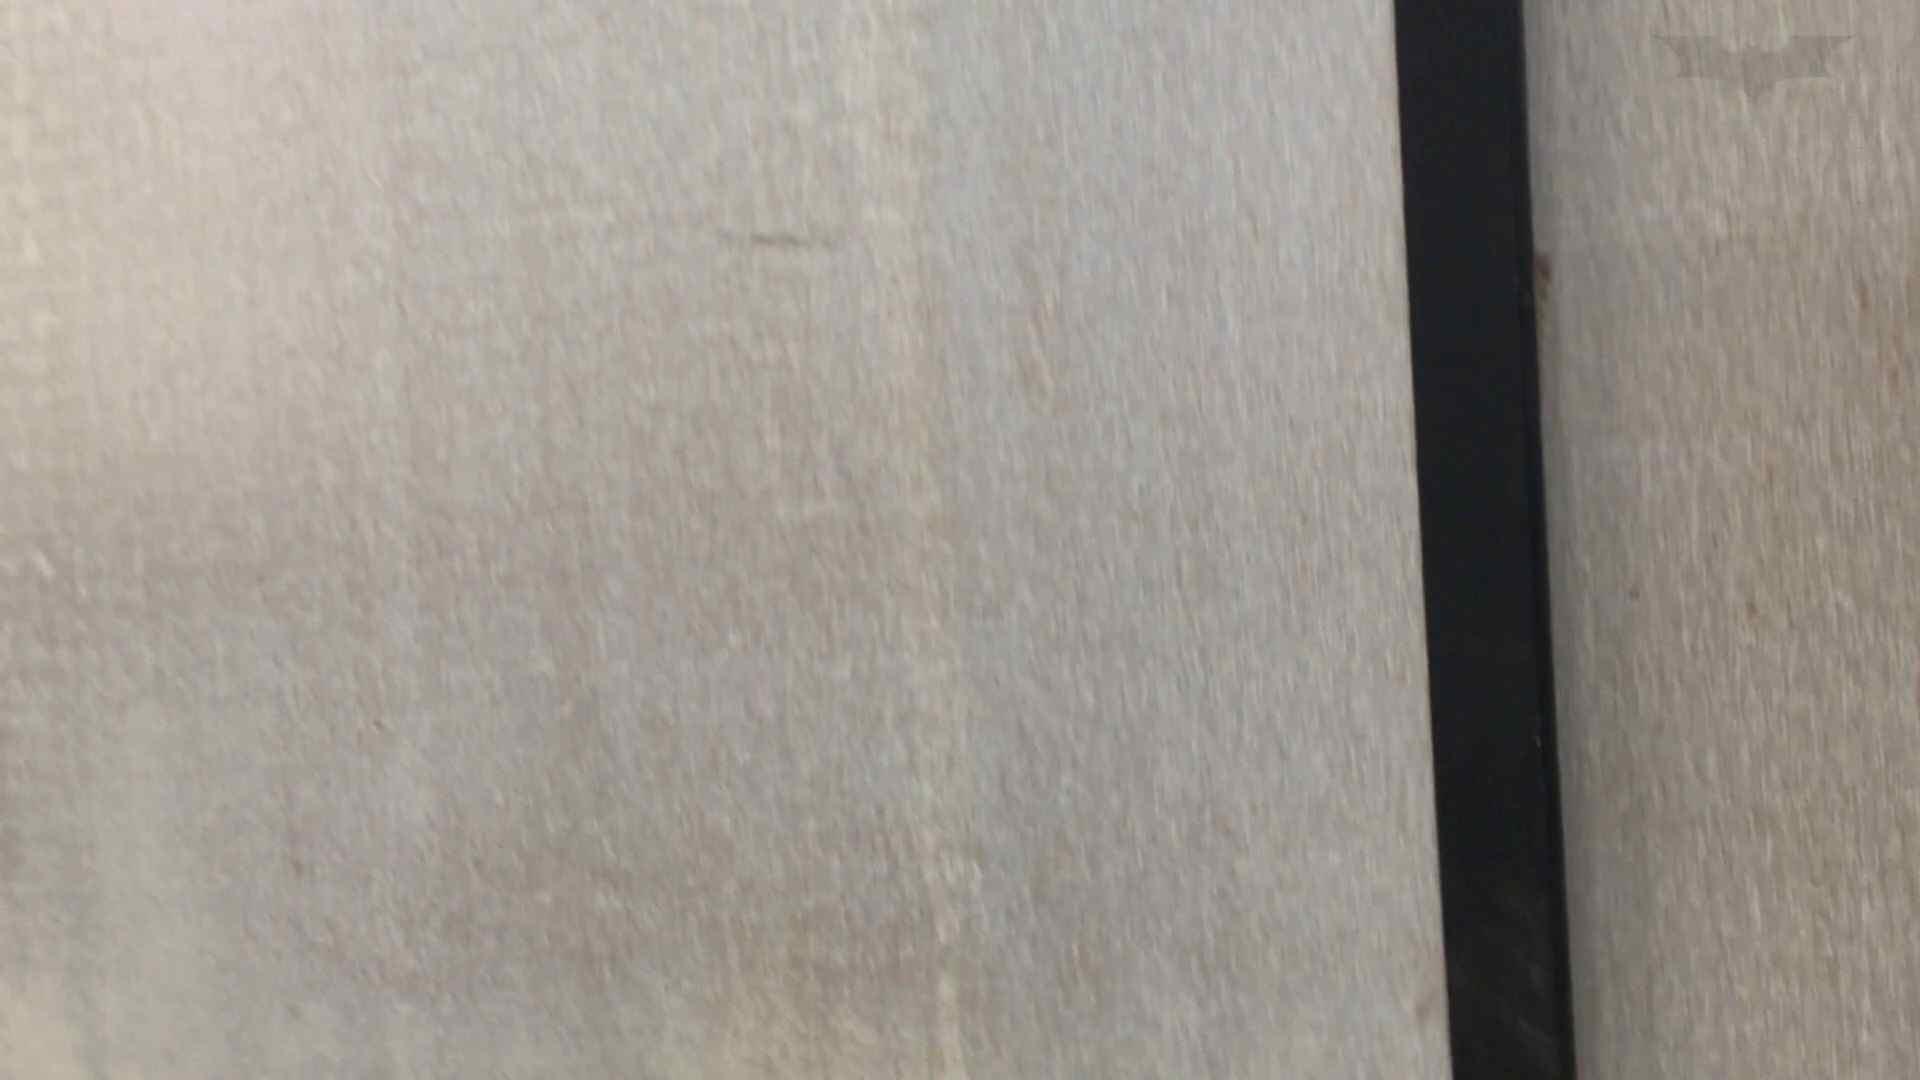 芸術大学ガチ潜入盗撮 JD盗撮 美女の洗面所の秘密 Vol.93 高画質 ヌード画像 62画像 35